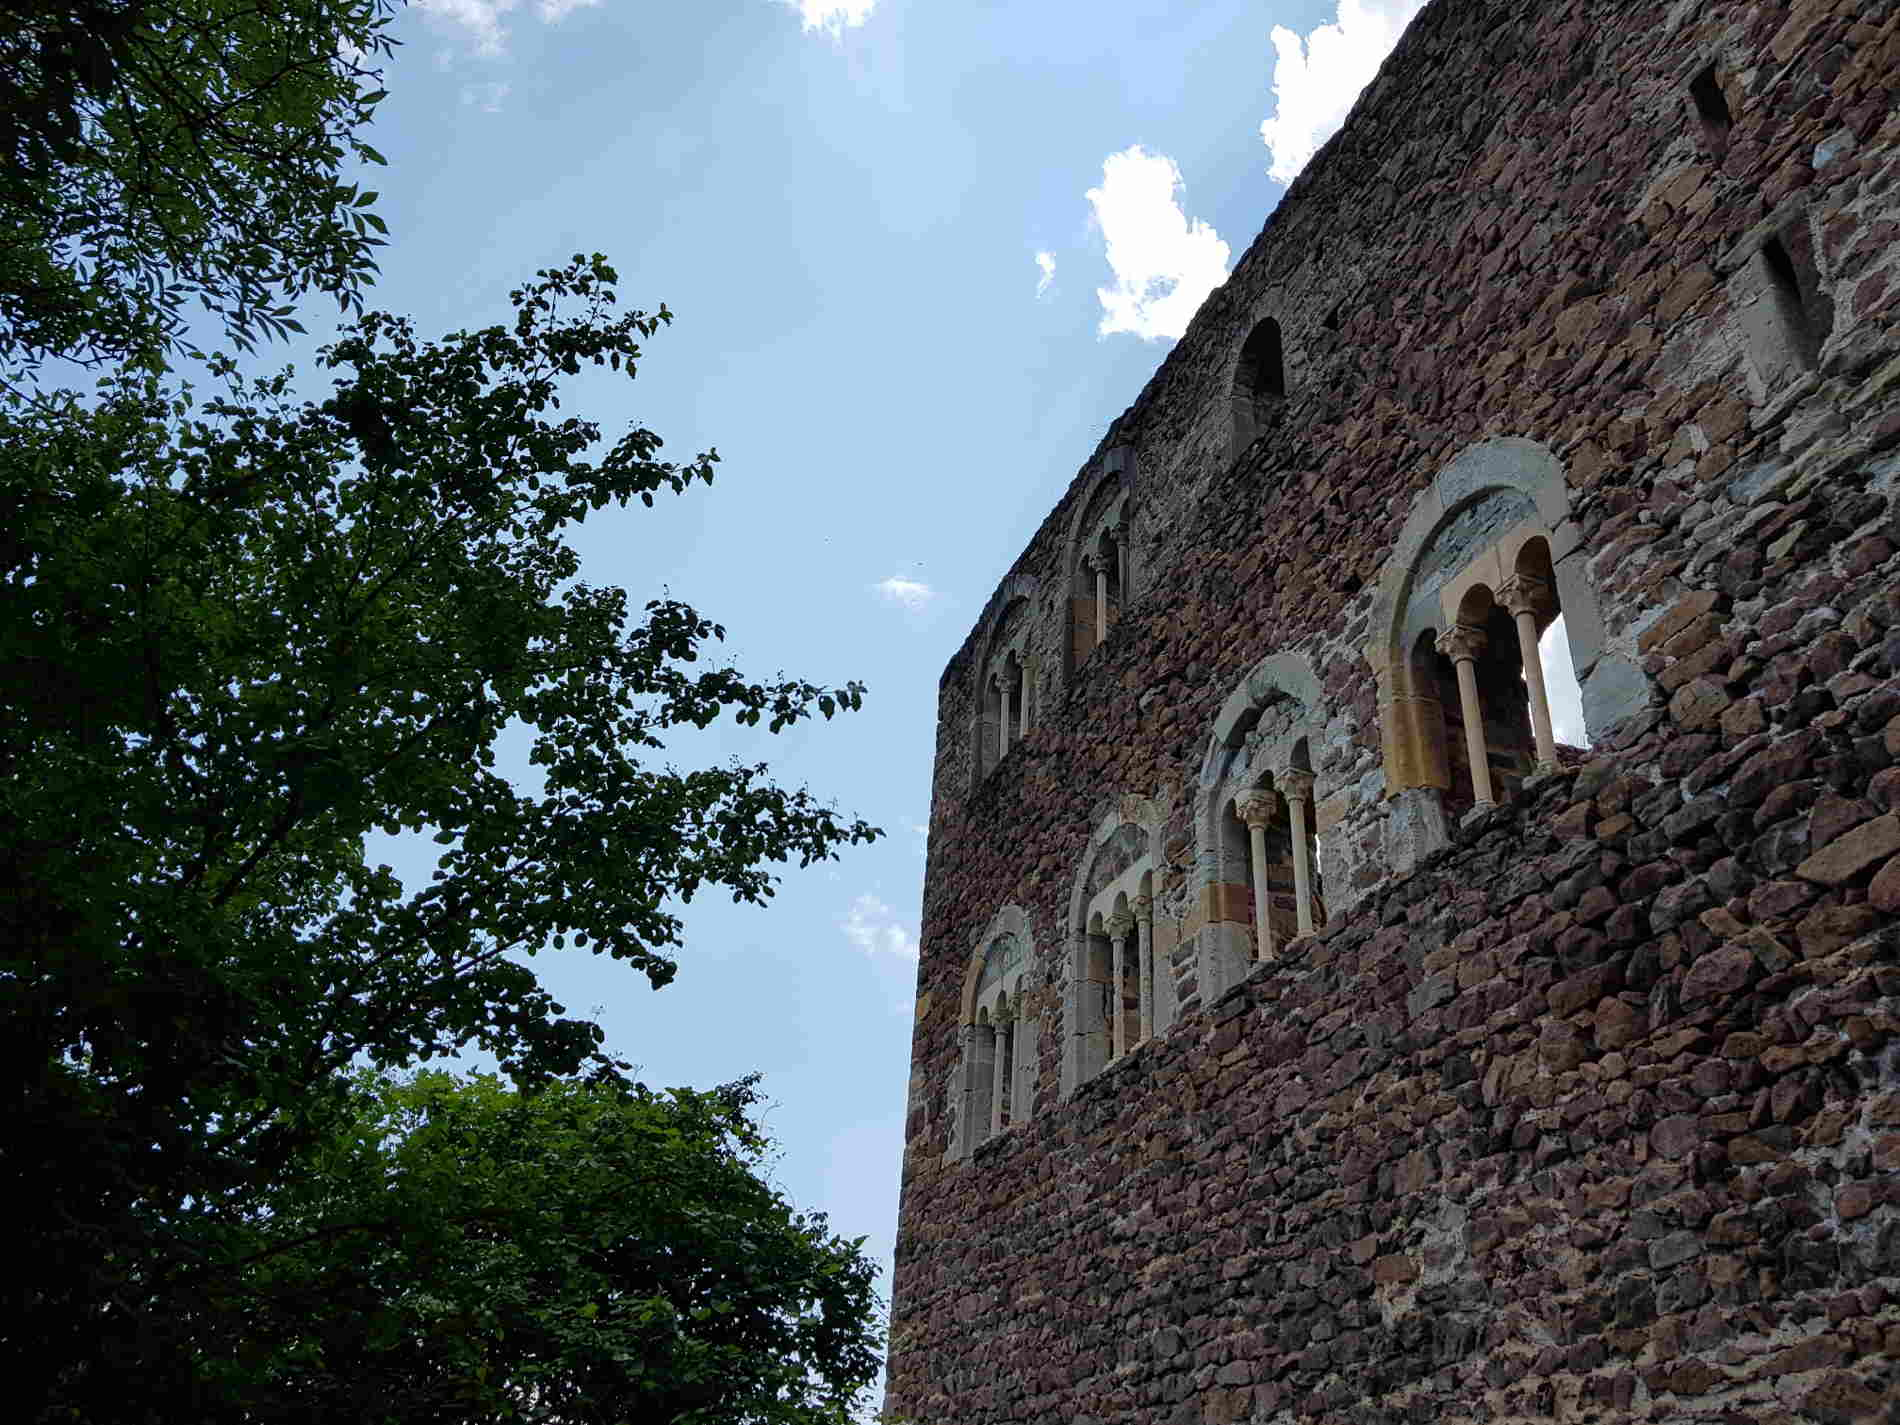 Parete con trifore a Castel Boymont Passeggiata ai 3 Castelli di Appiano in Alto Adige